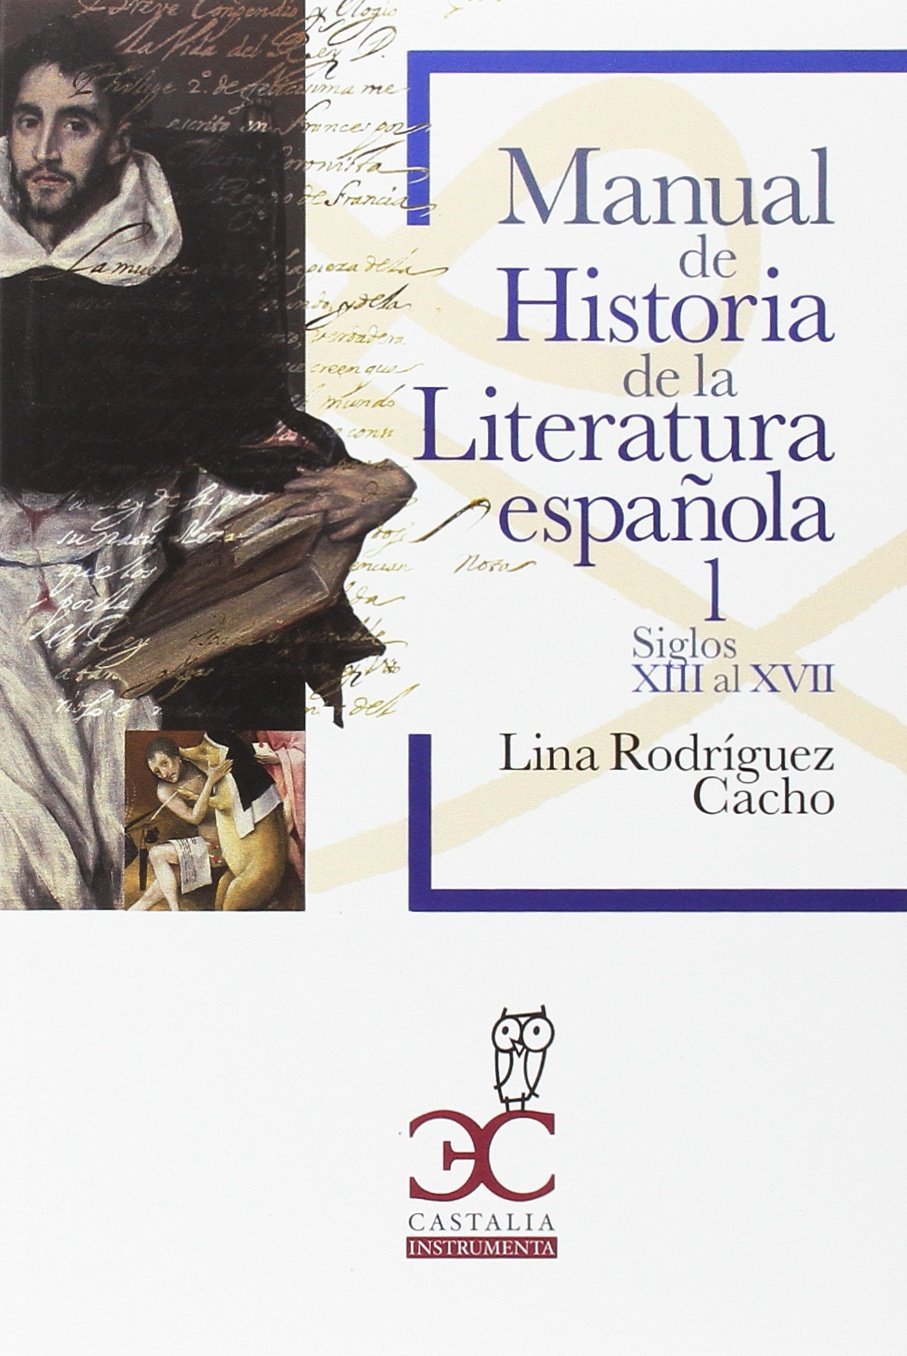 Manual de Historia de la Literatura española 1